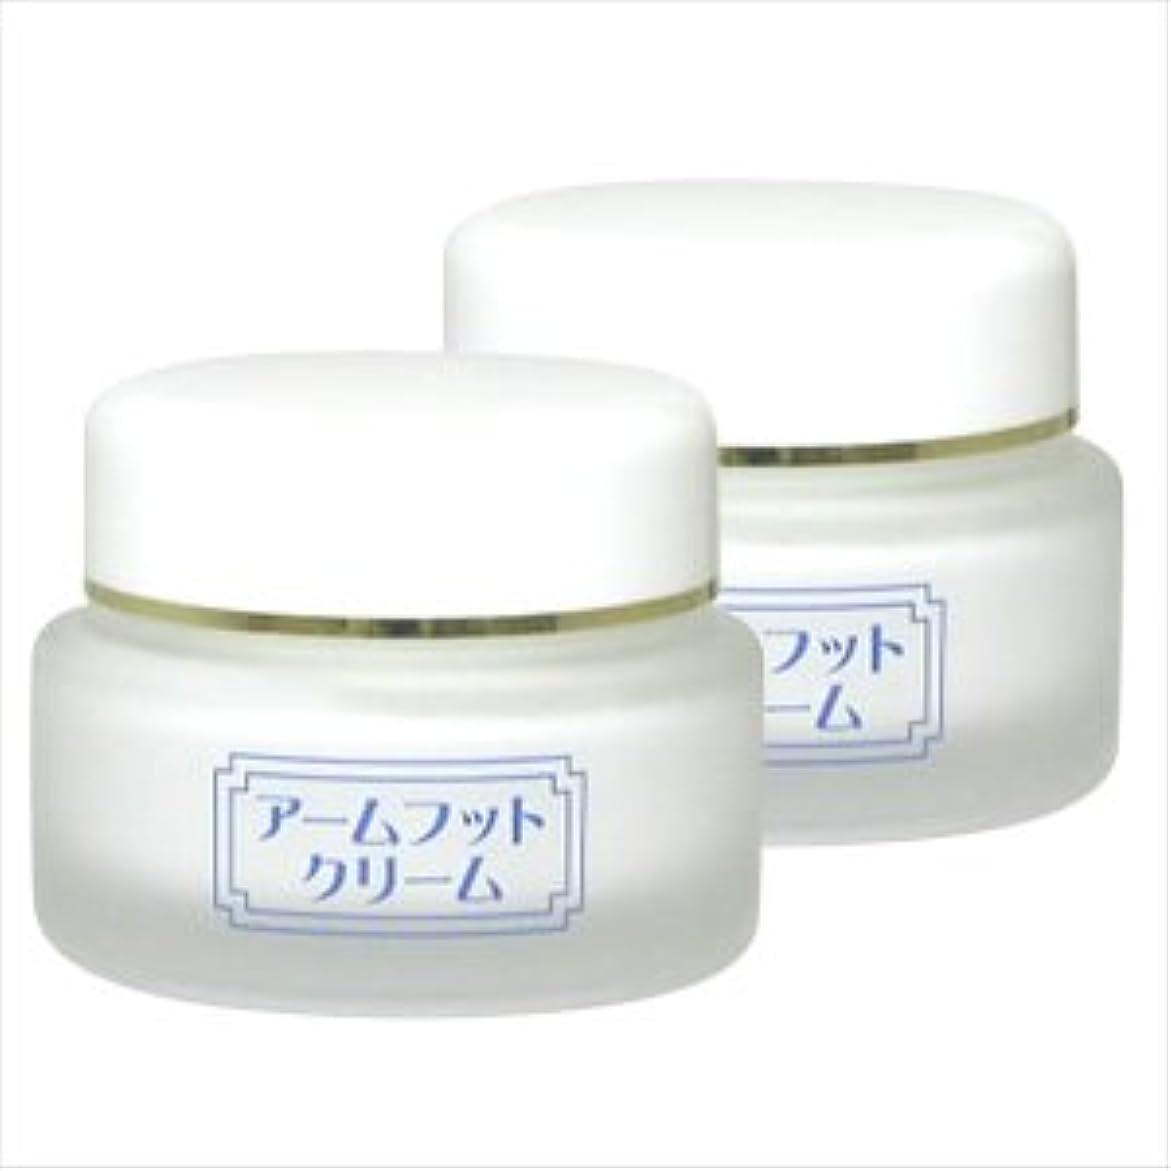 開示するマトロン令状薬用デオドラントクリーム アームフットクリーム(20g) (2個セット)